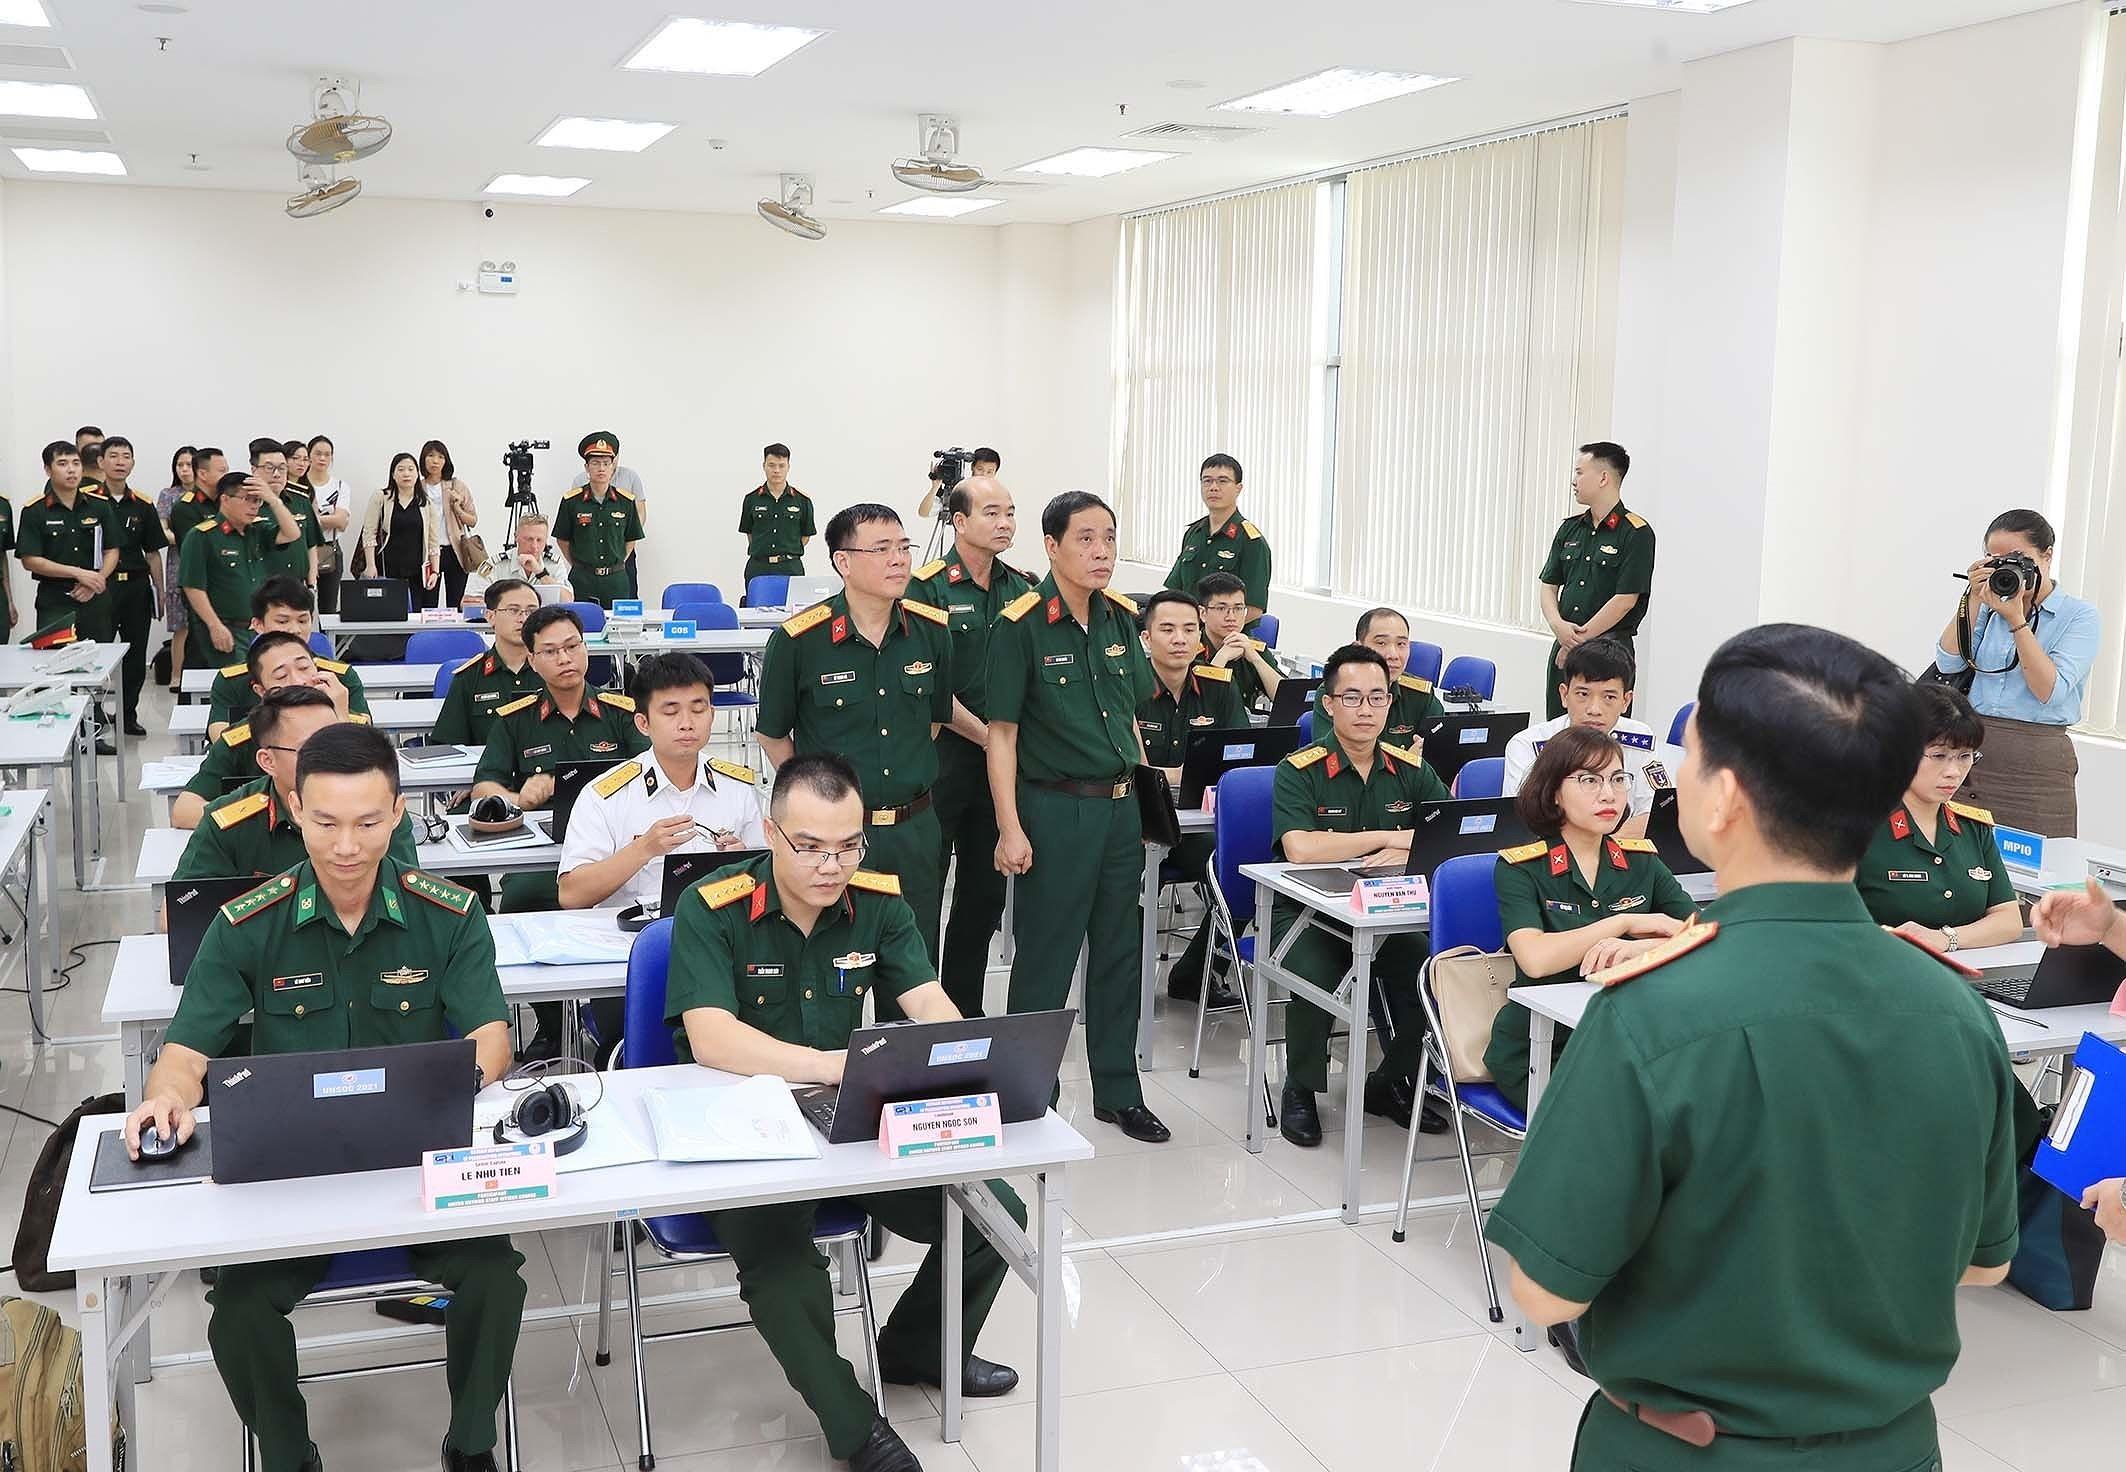 Ouverture d'un cours de formation pour les officiers d'etat-major des Nations Unies hinh anh 6